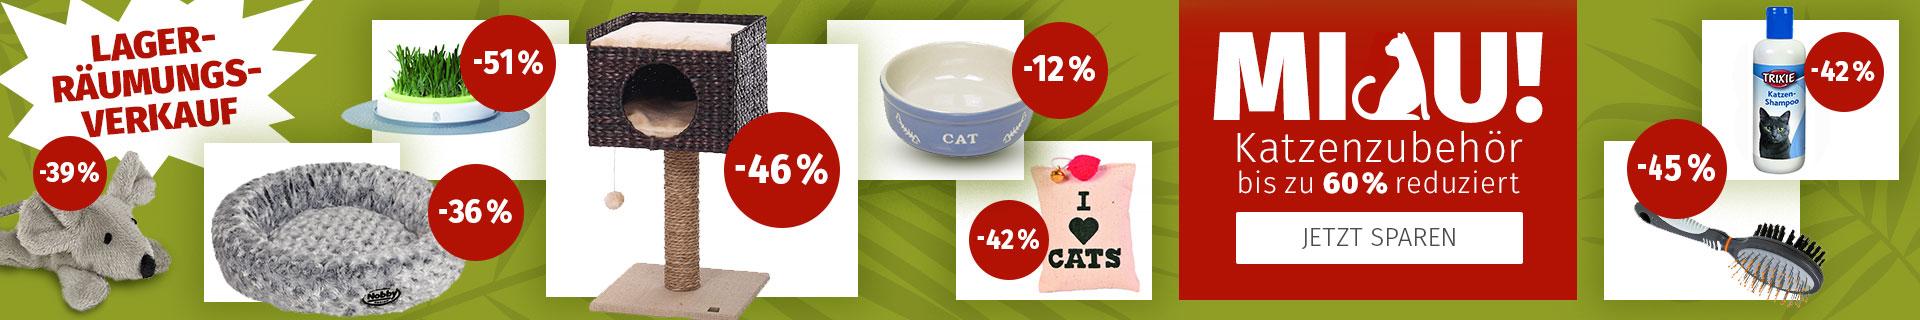 Katzenzubehör bis zu 60% reduziert